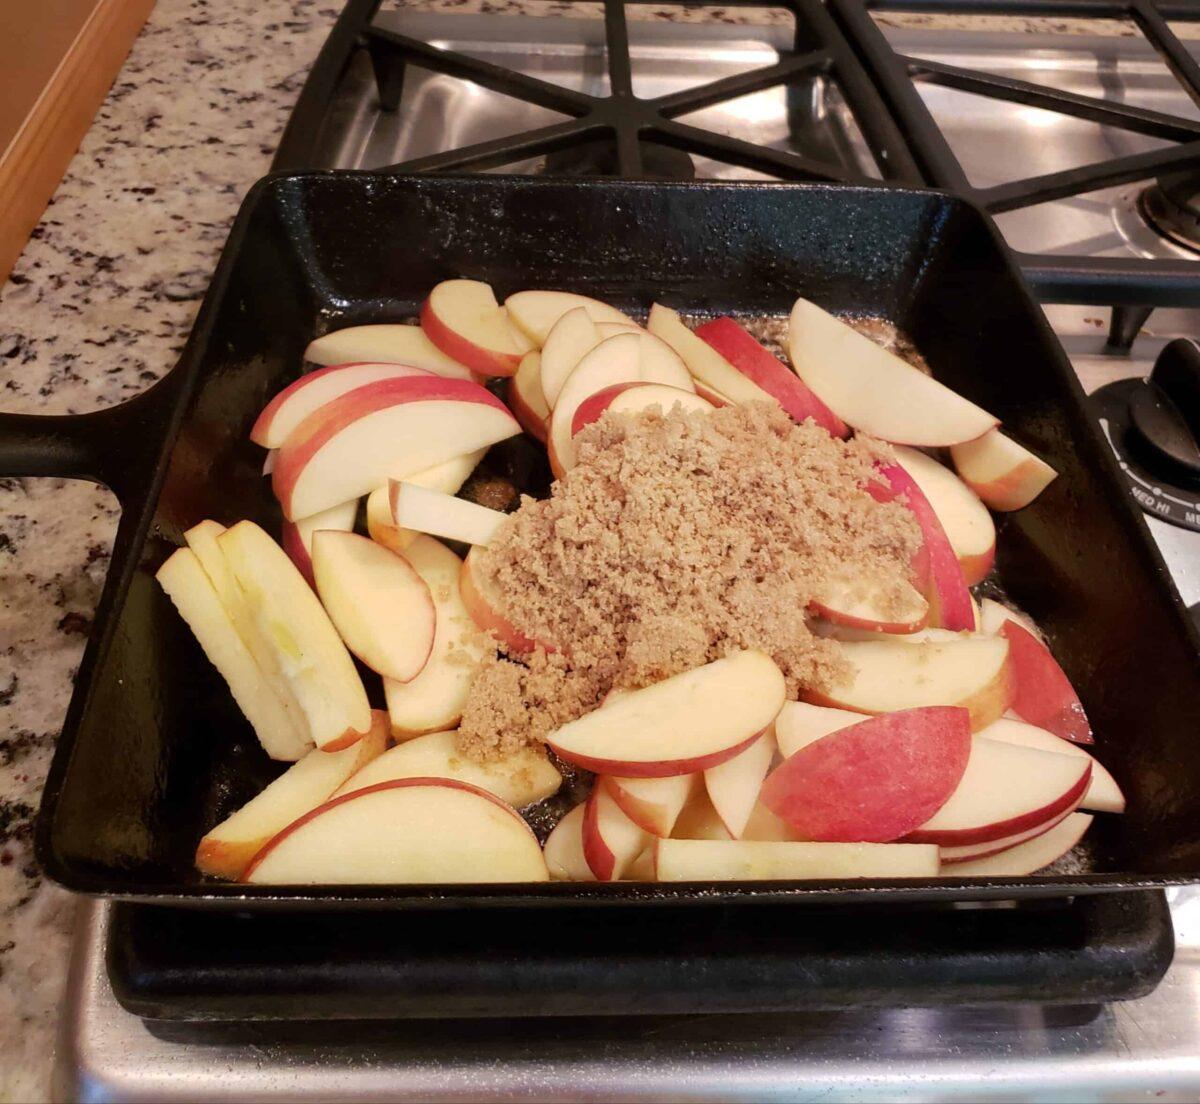 Fried Cinnamon Apples Sliced apples brown sugar cinnamon in skillet